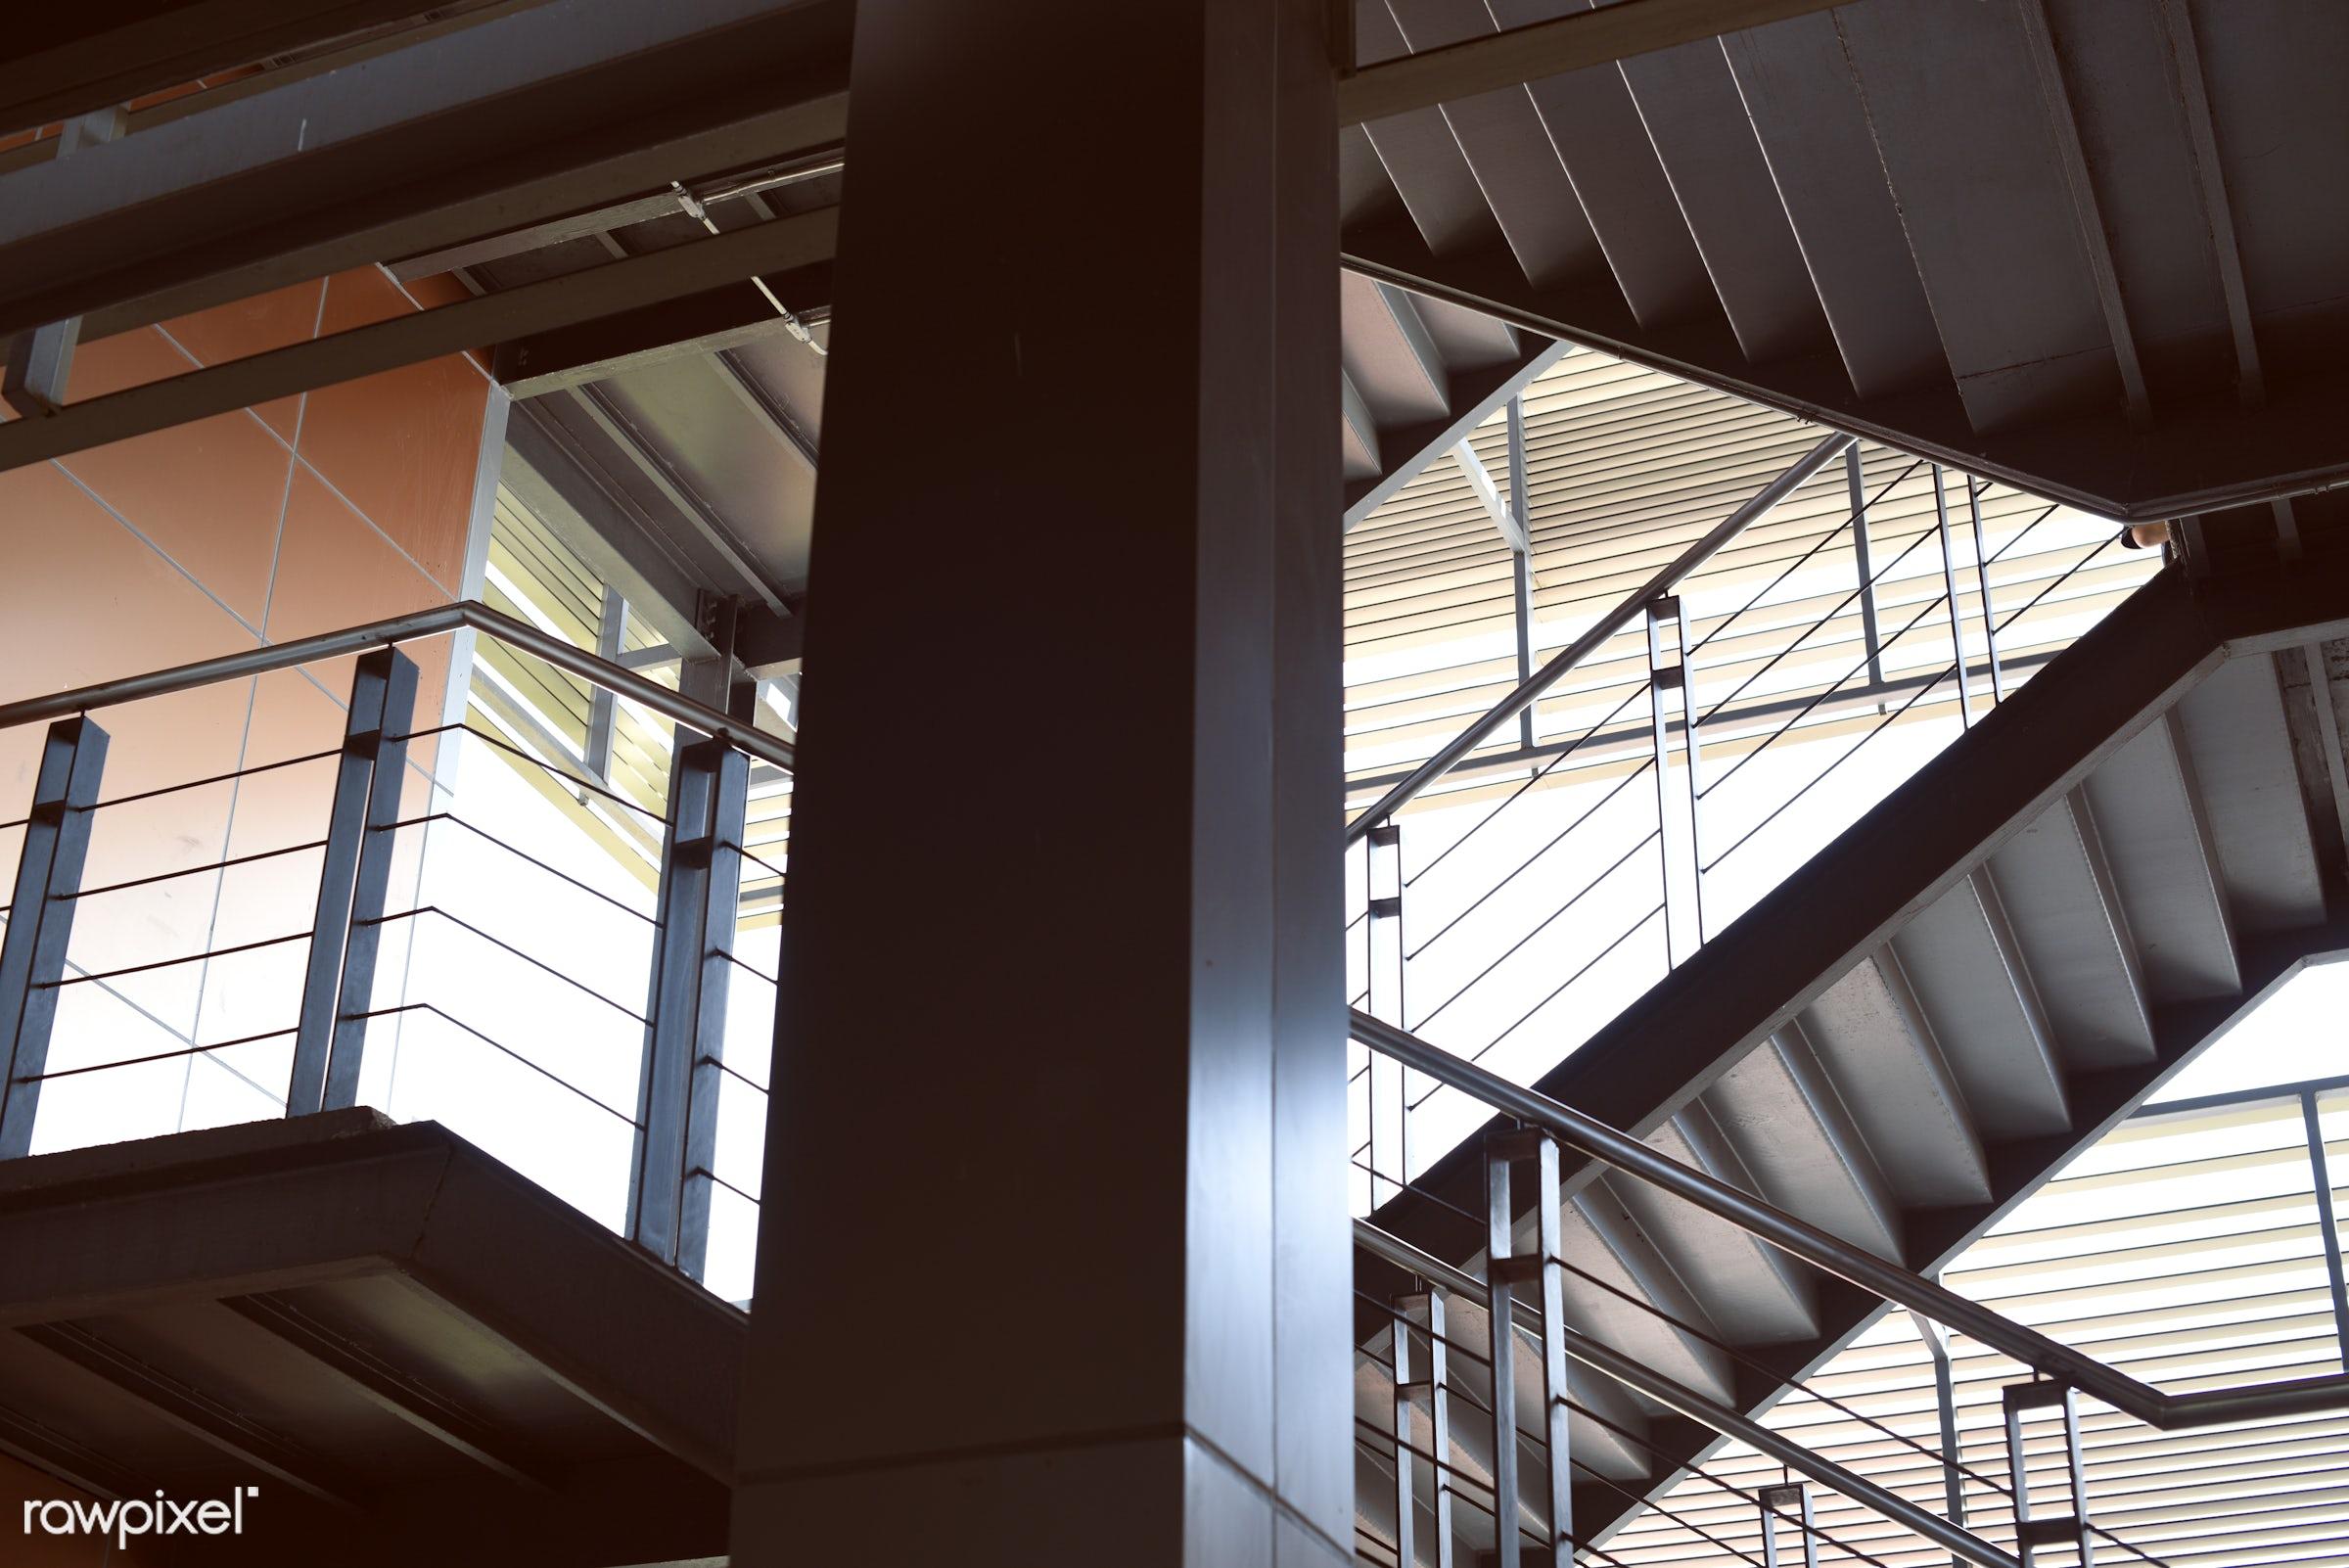 achievement, building, business, construction, decoration, design, direction, downstairs, hallway, interior, interior design...